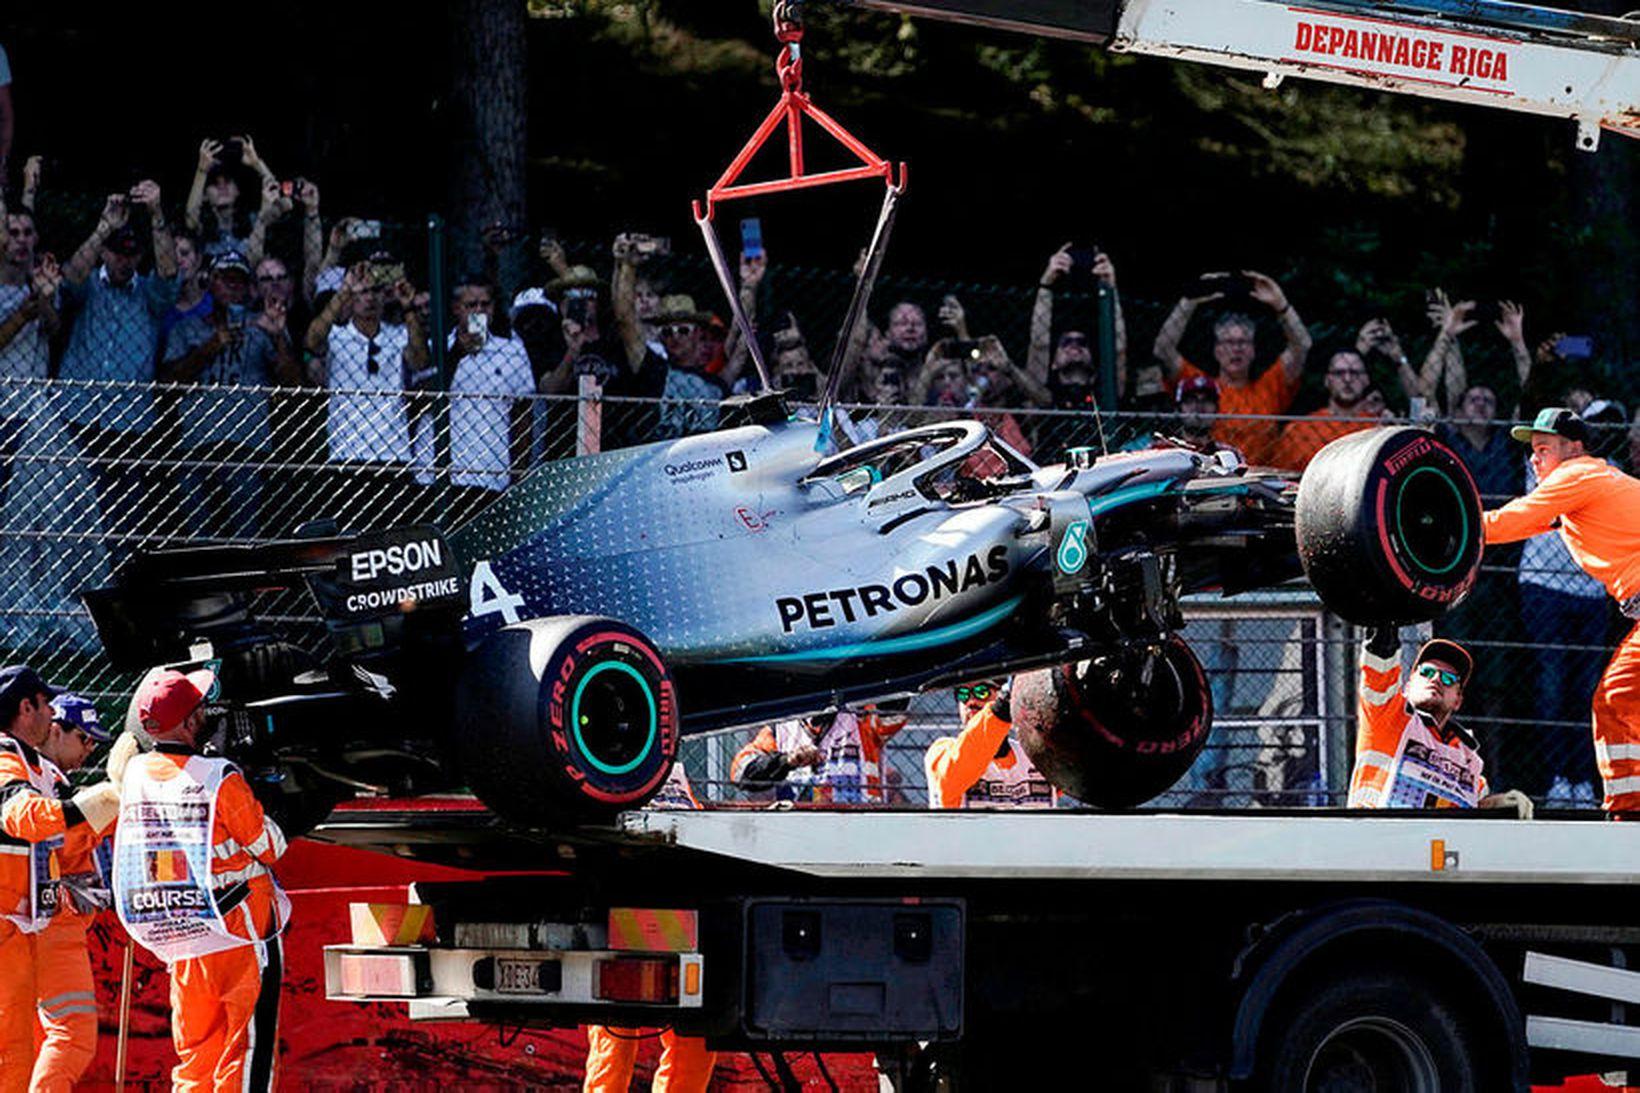 Tjónaður Mercedesbíll Lewis Hamilton hífður á brott eftir ákeyrslu á …